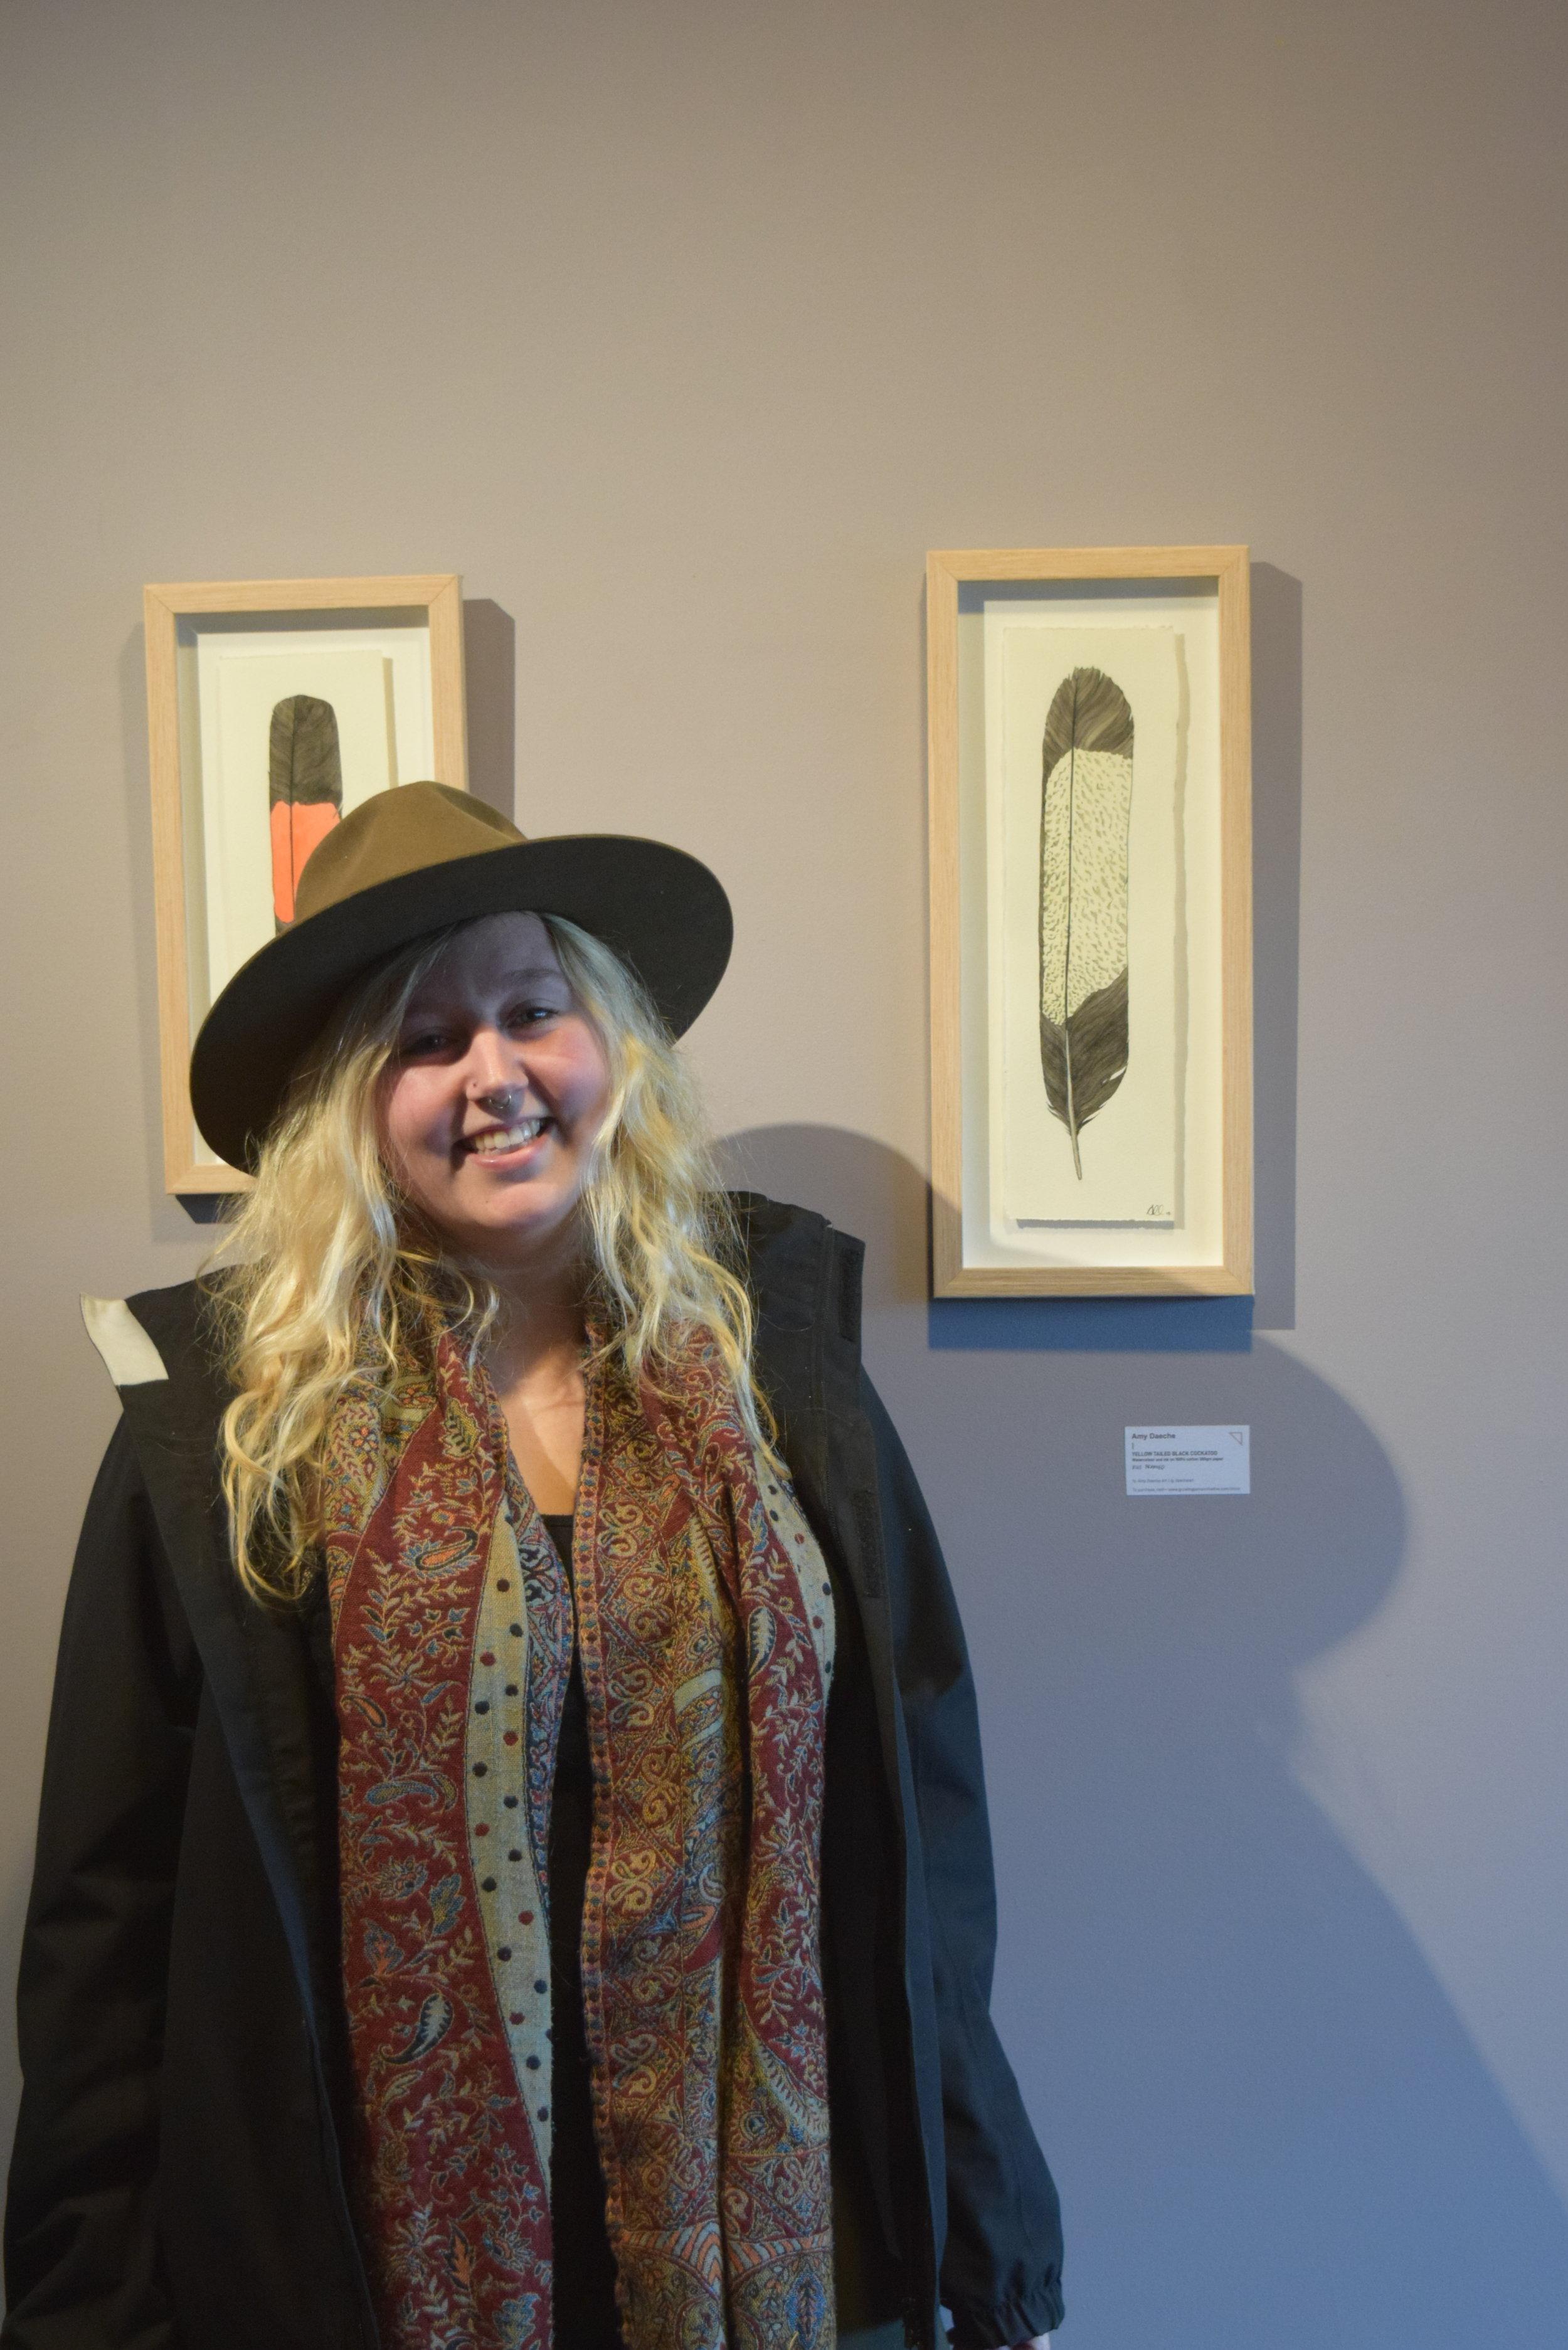 Winner Amy Daeche